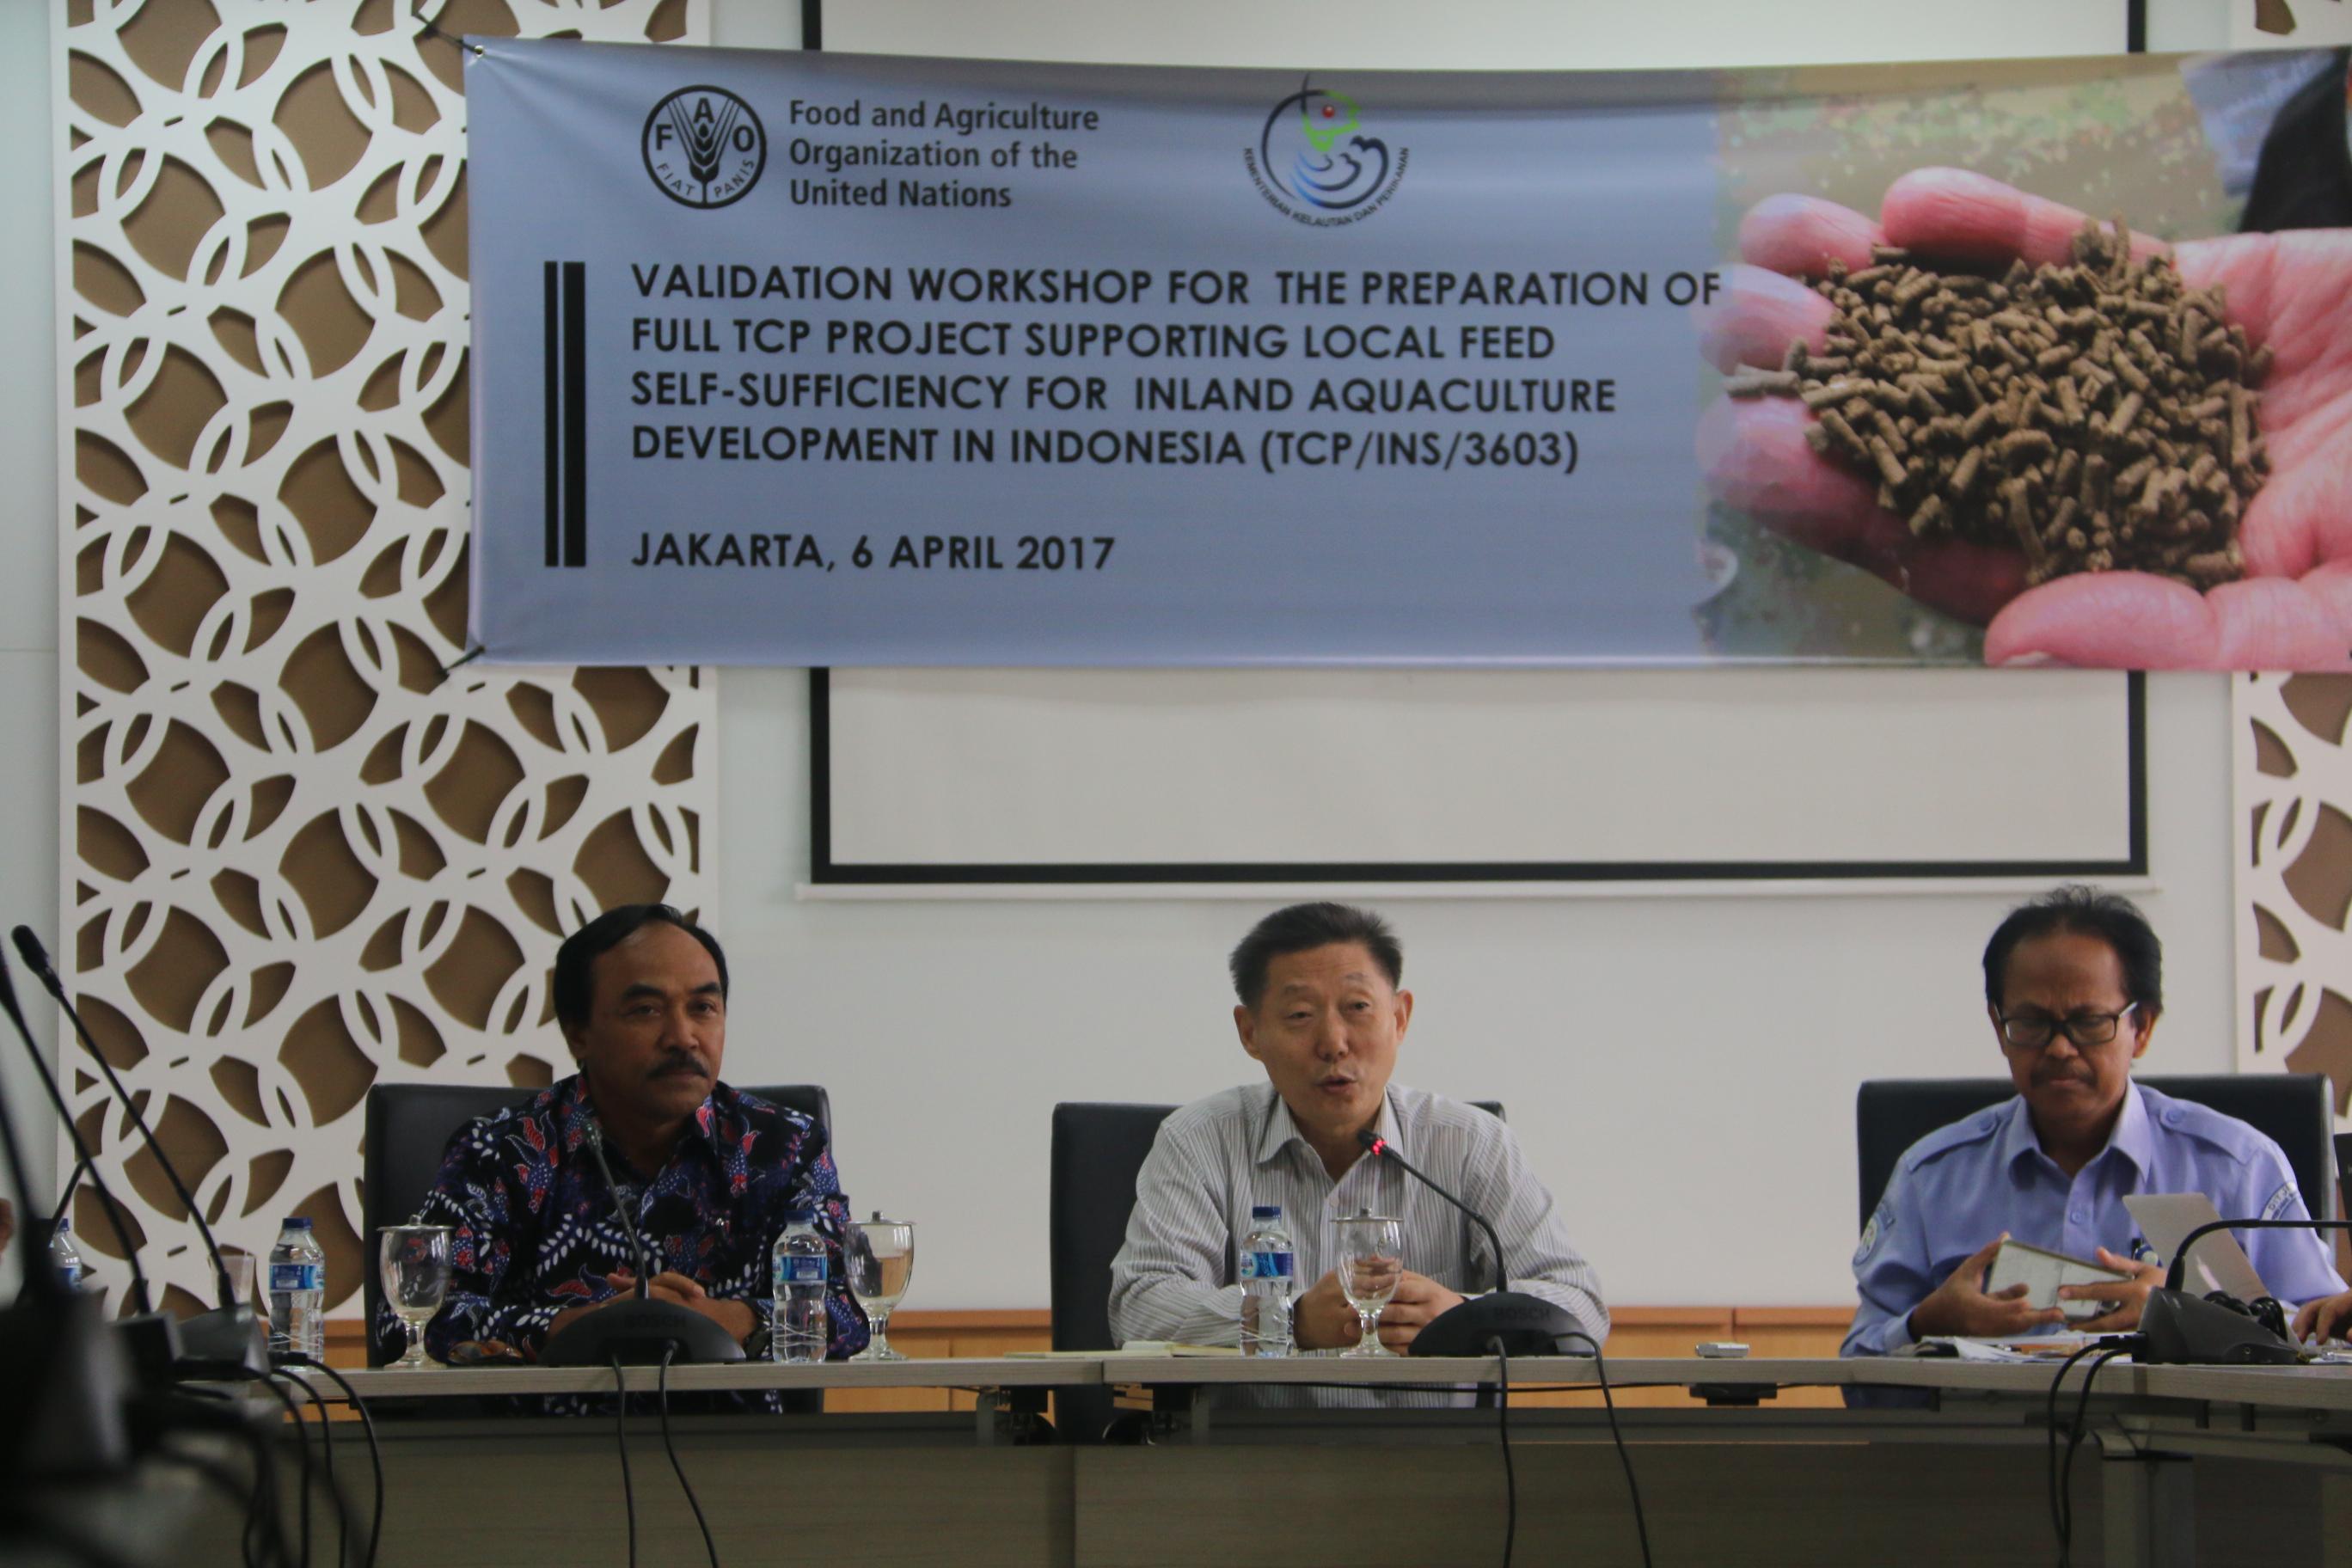 DIRJEN PB DAN KEPALA REGIONAL FAO ASIA PASIFIK MEMBUKA WORKSHOP PENGEMBANGAN PAKAN IKAN MANDIRI